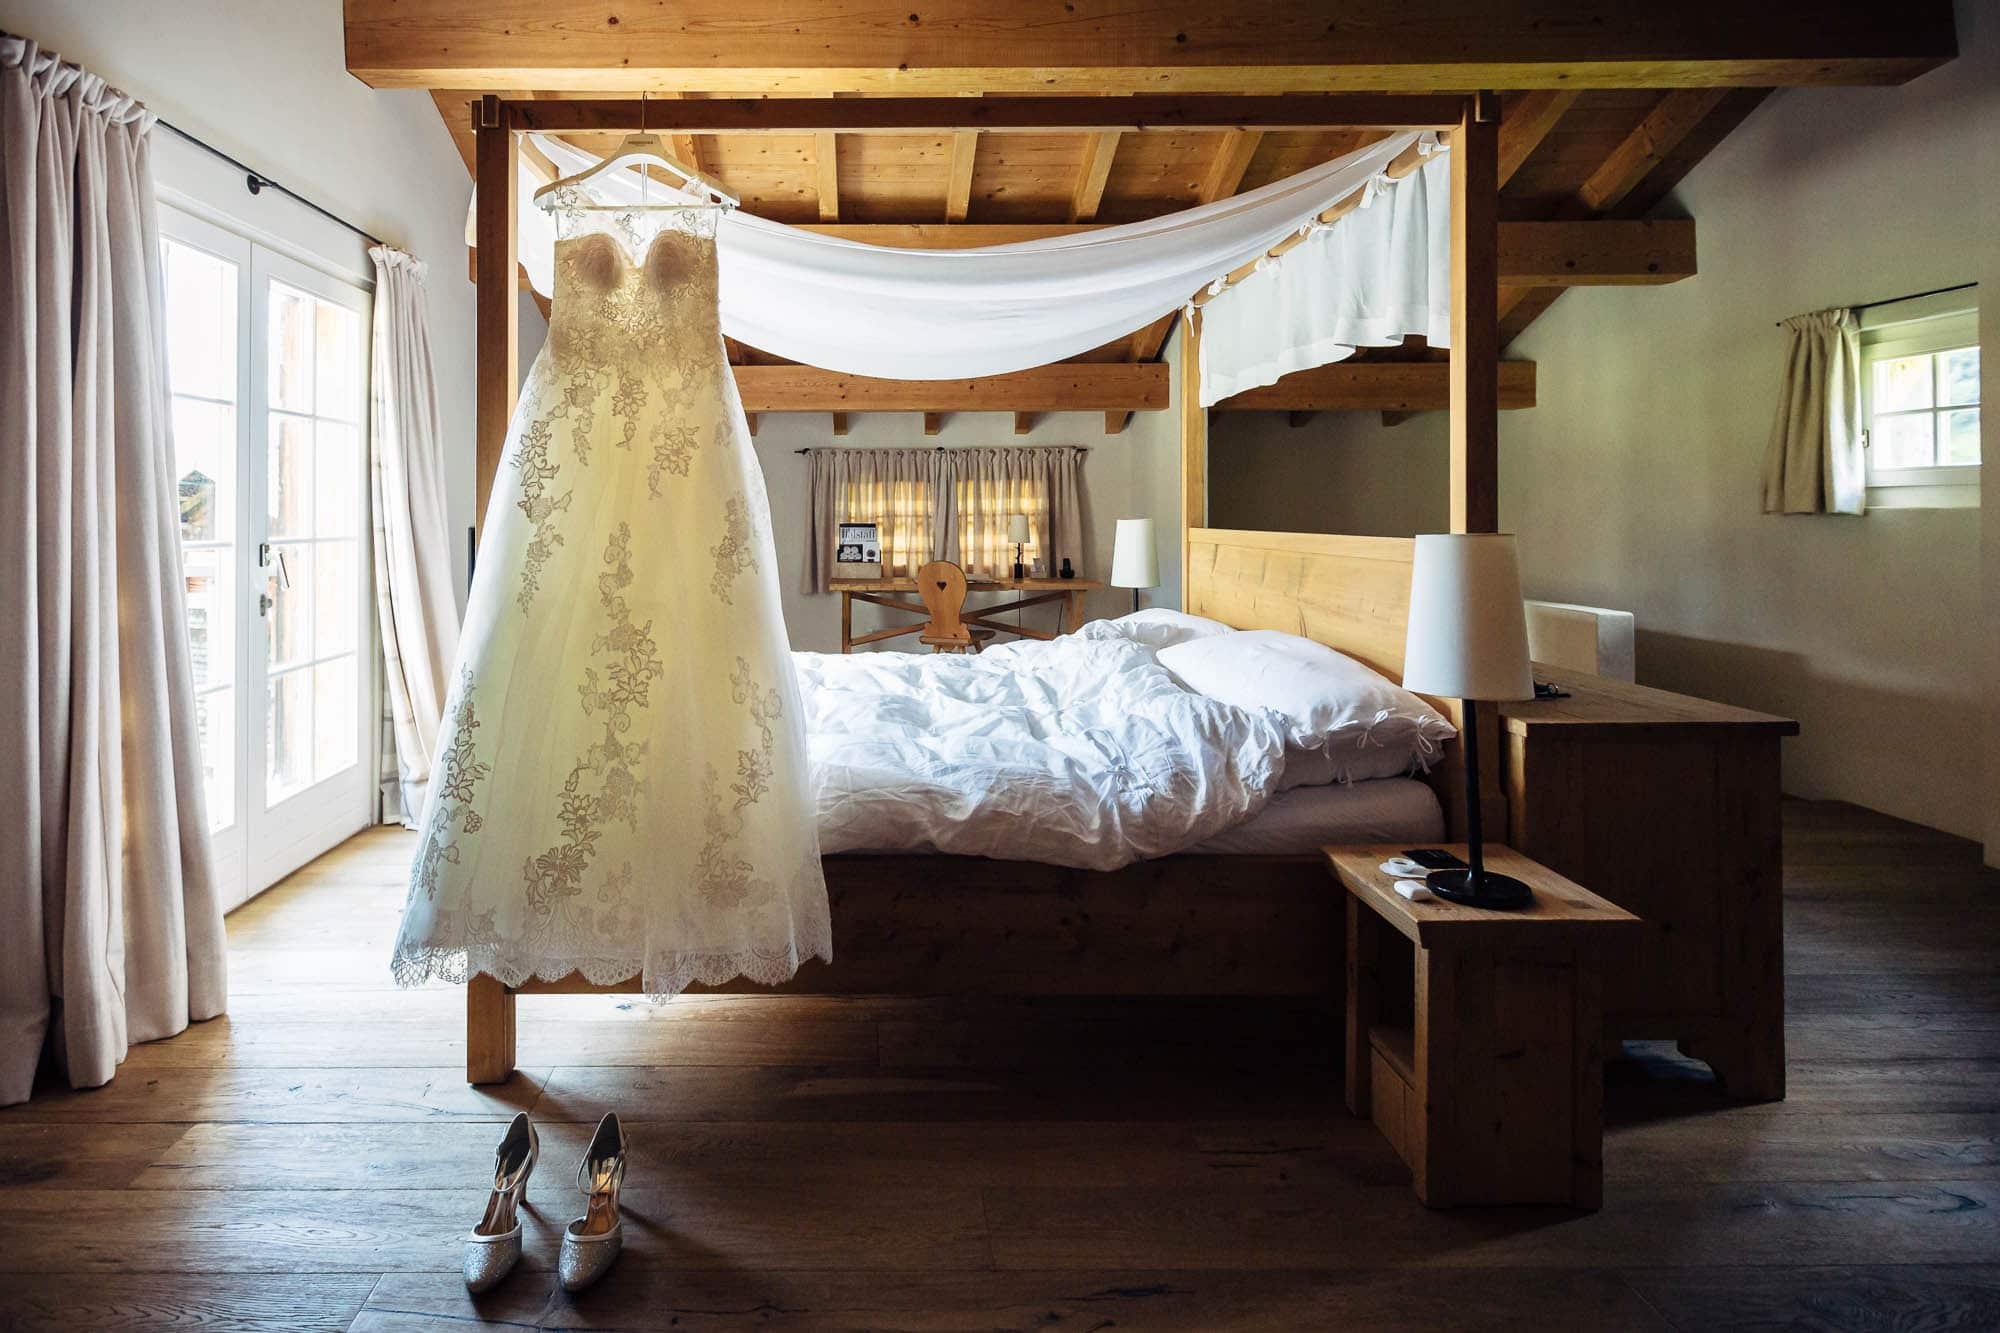 Brautkleid hängt am Himmelbett